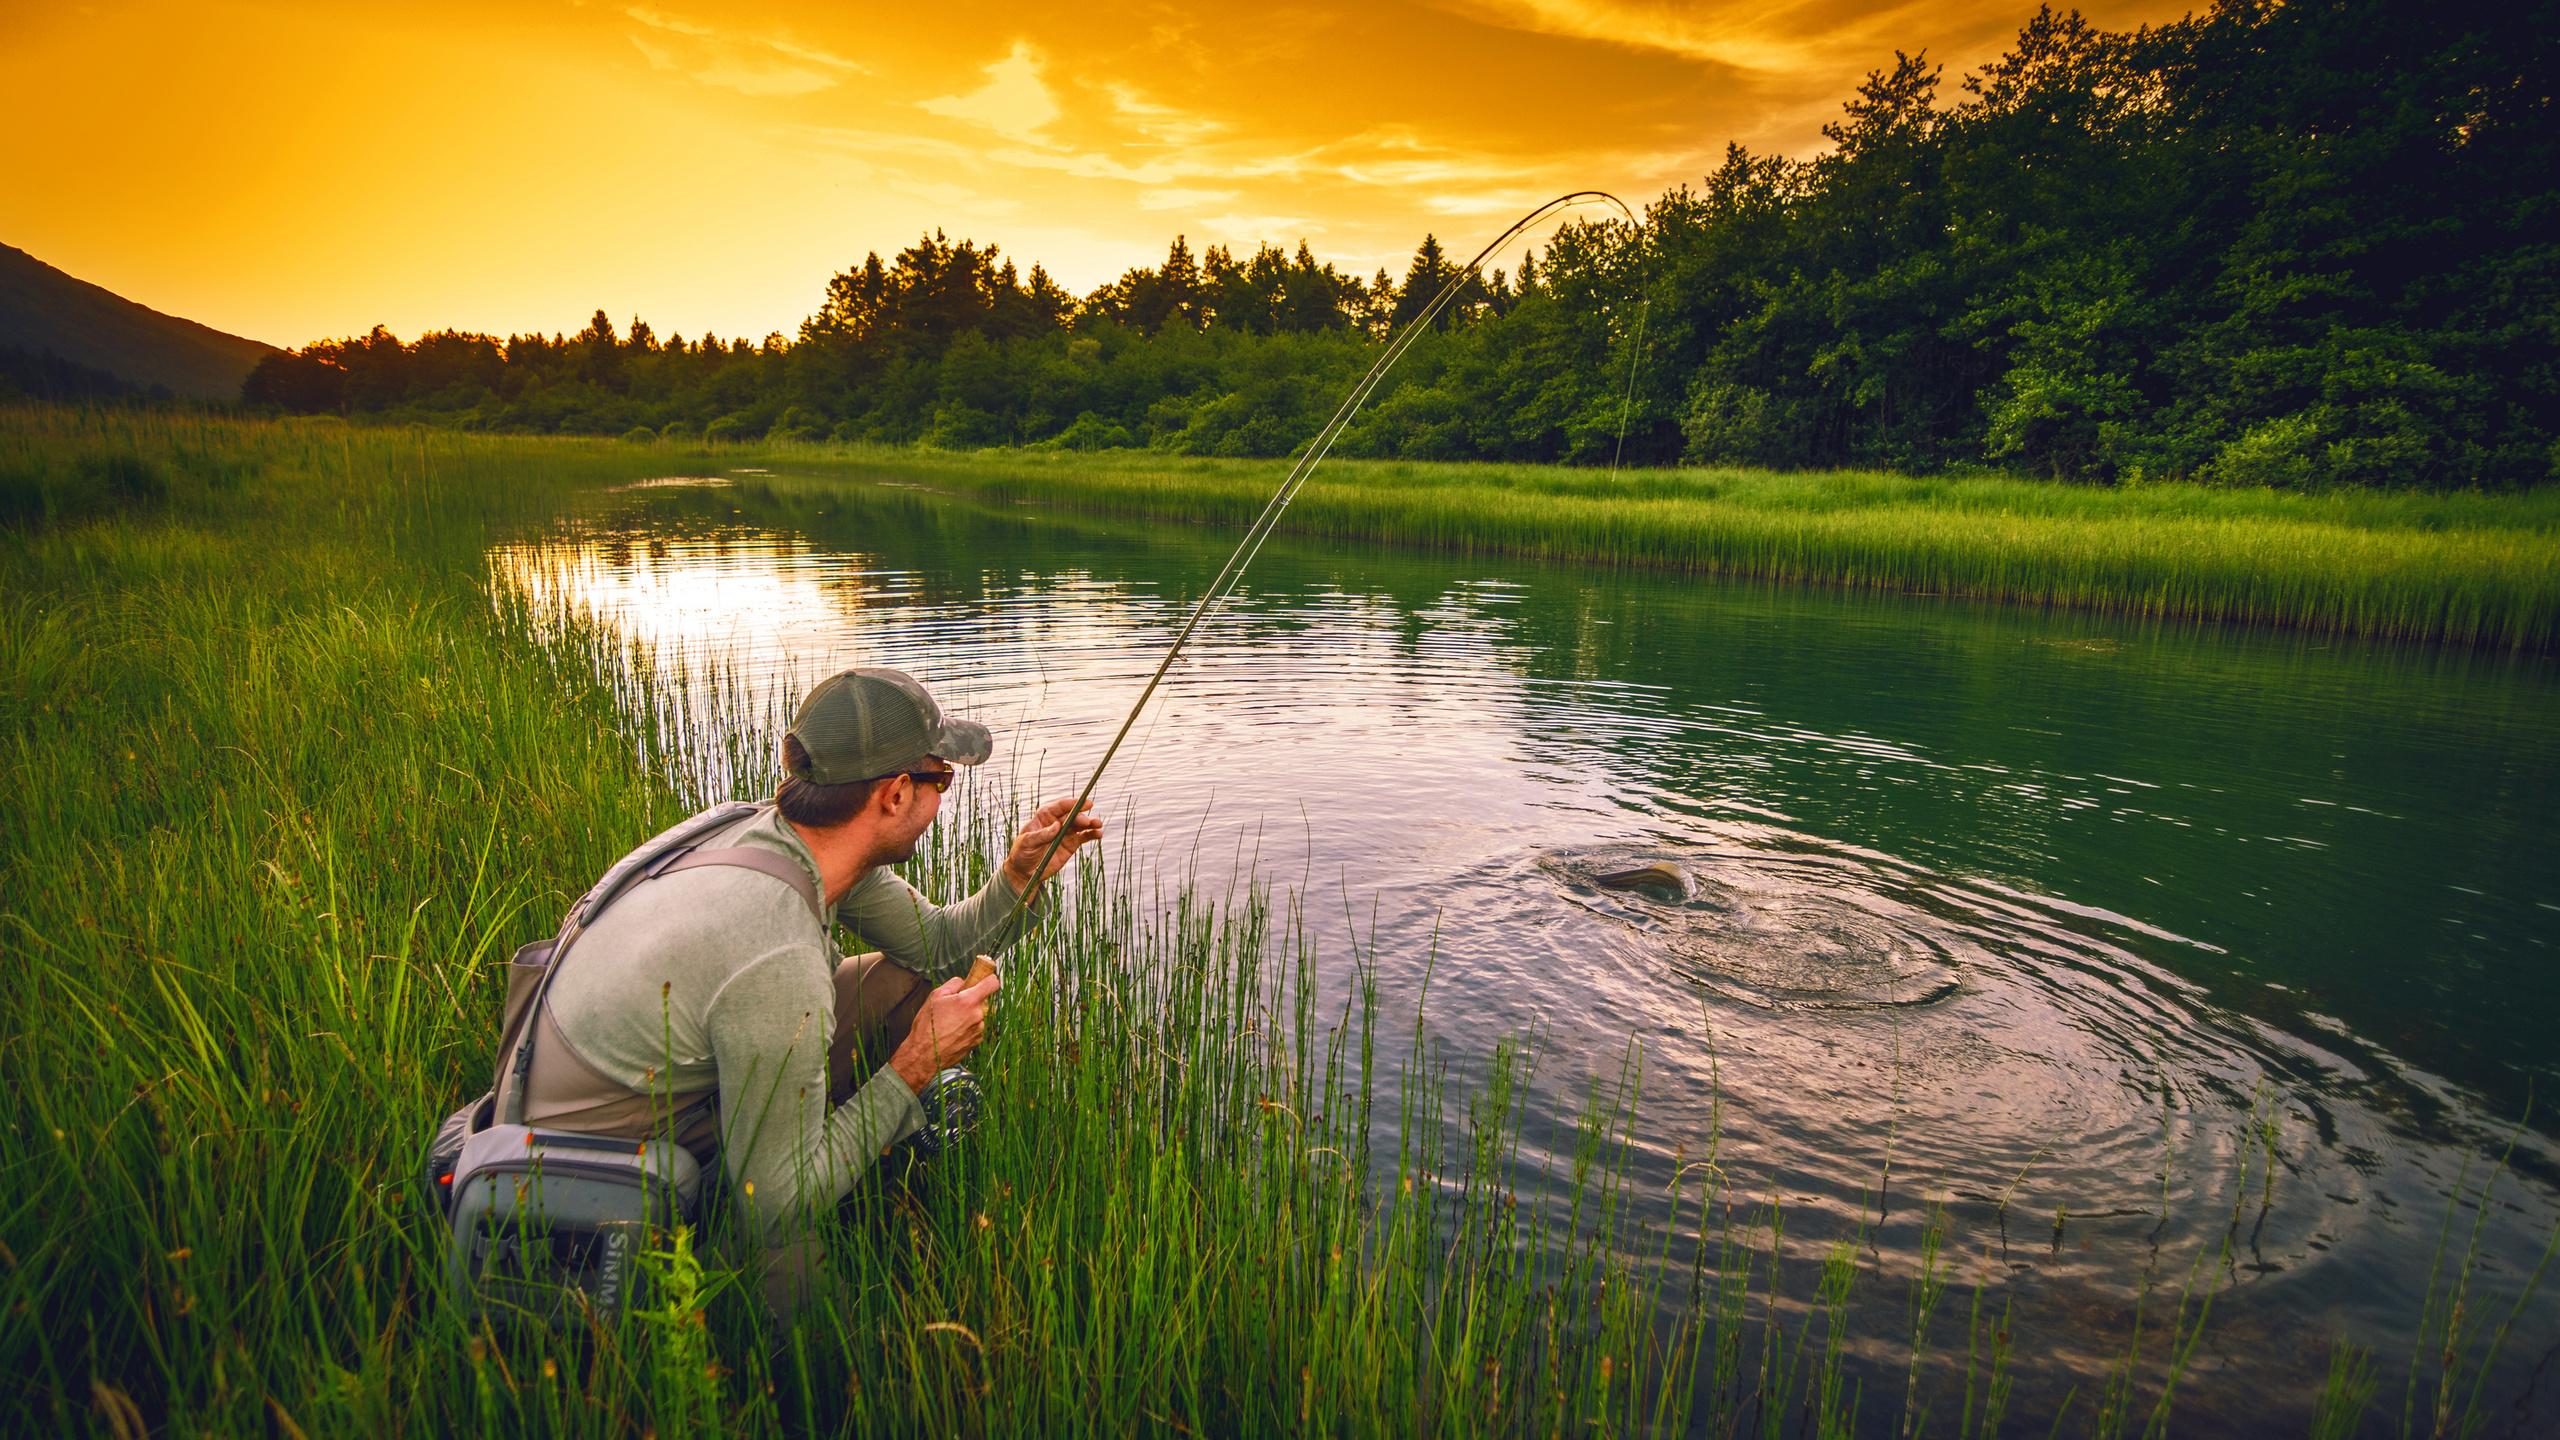 Фото открытки про рыбалку, хочу работу открытки